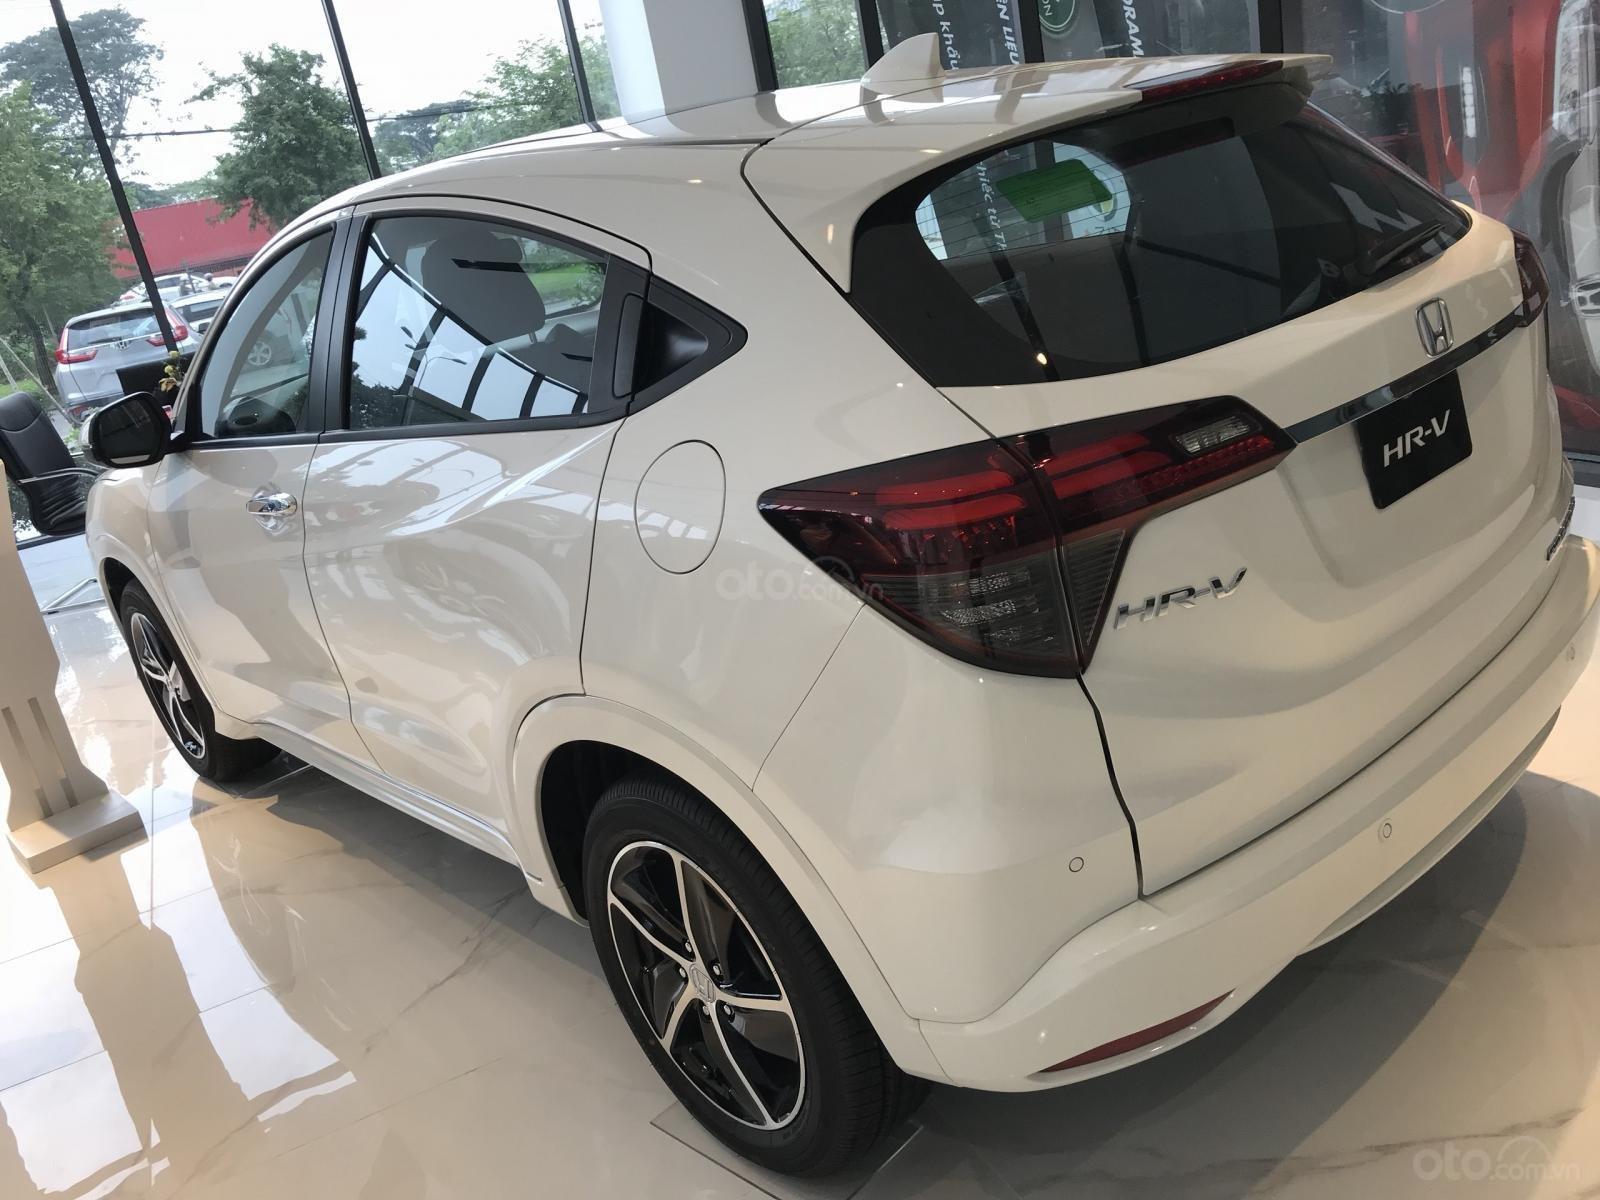 Bán Honda HR-V 2019, đủ màu nhập khẩu giá cạnh tranh chỉ từ 786tr - Thanh toán 225tr lấy xe về nhà, LH 0933.683.056-6